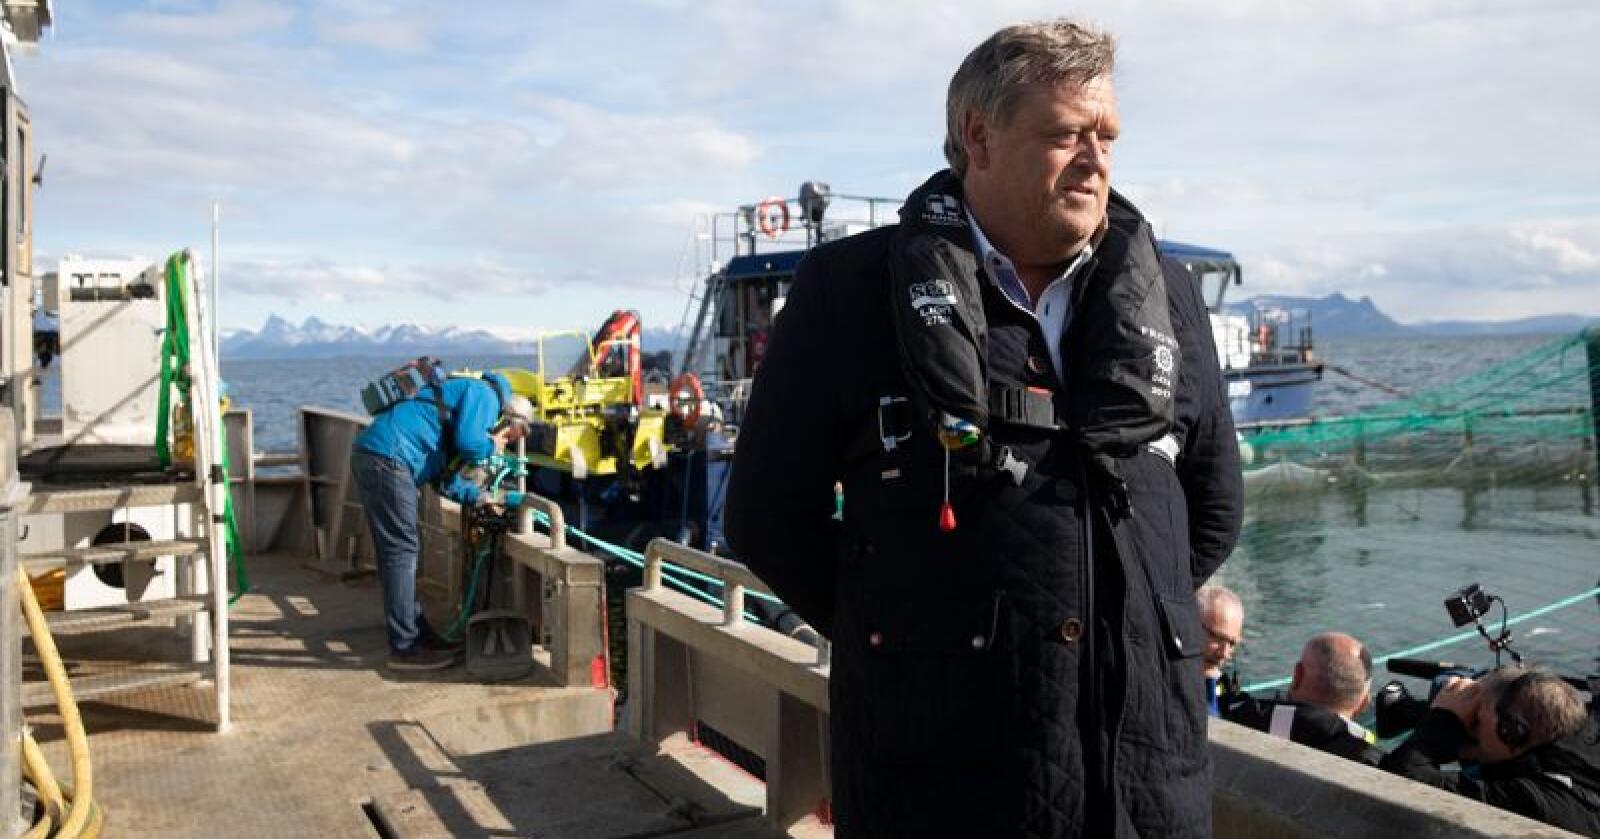 Fiskeriminister Harald T. Nesvik besøkte en algerammede oppdretter i Lødingen i mai. Nå inviterer han næringen til møte for å diskutere lakserømming. Foto: Berit Roald / NTB scanpix